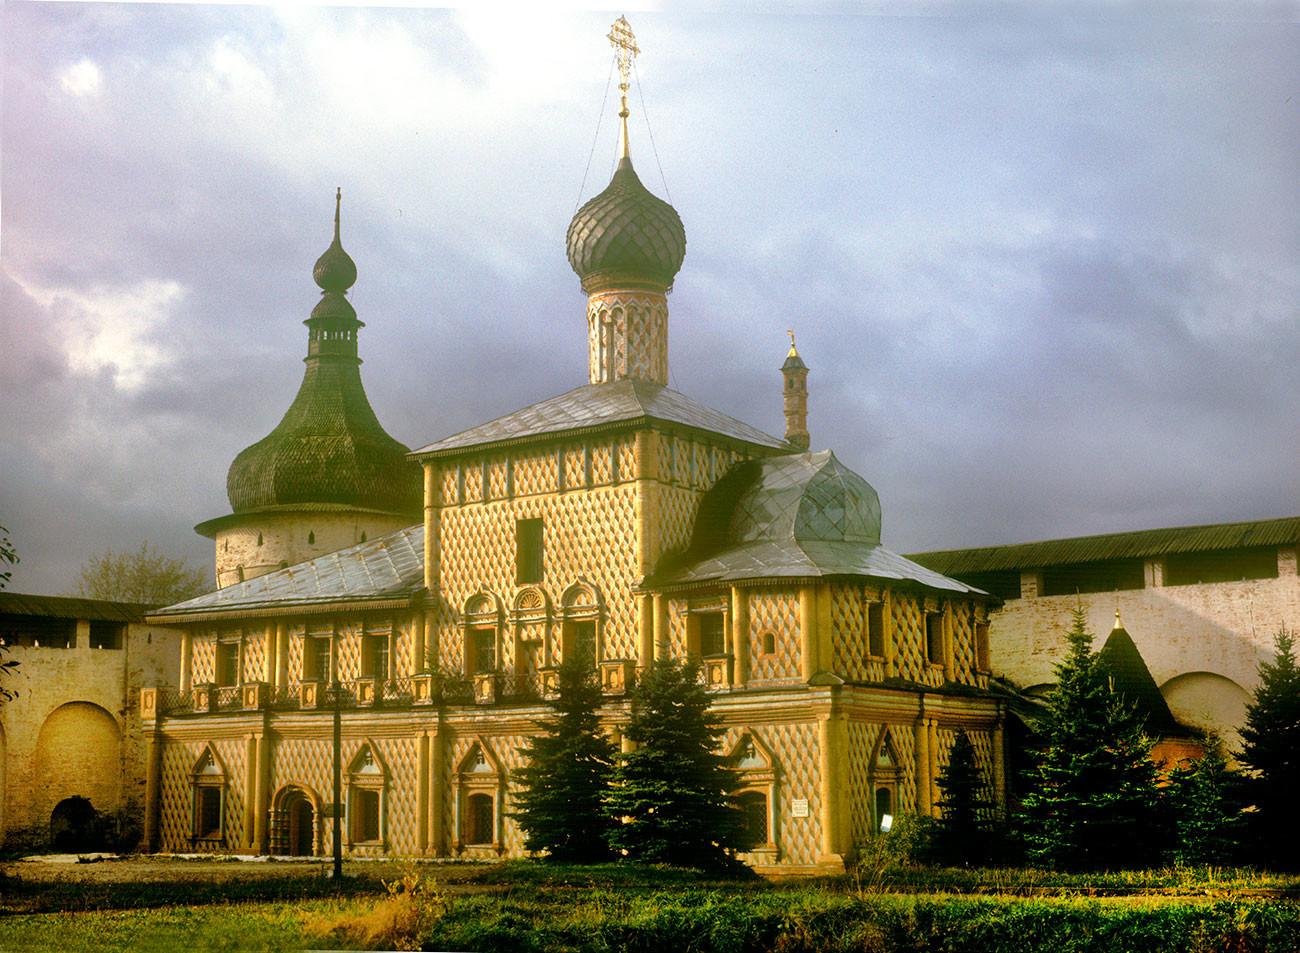 Torre de la esquina noroeste e iglesia del Icono de Odighitria, vista sureste. 4 de octubre de 1992.